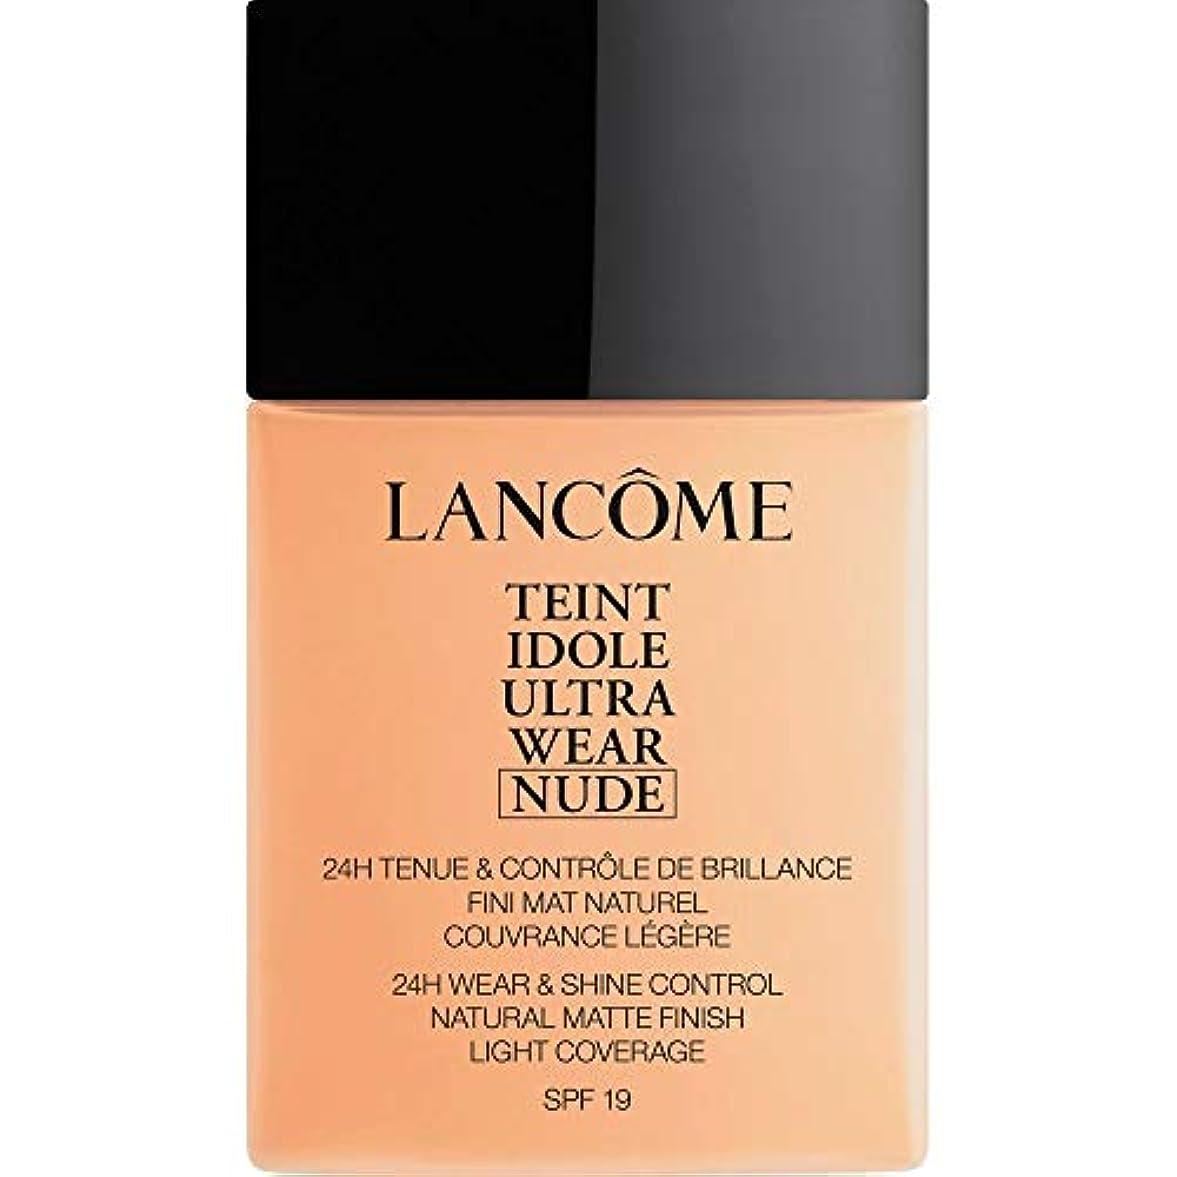 素敵な作物全国[Lanc?me ] ランコムTeintのIdole超ヌード財団Spf19の40ミリリットル024を着る - ベージュヴァニラを - Lancome Teint Idole Ultra Wear Nude Foundation...